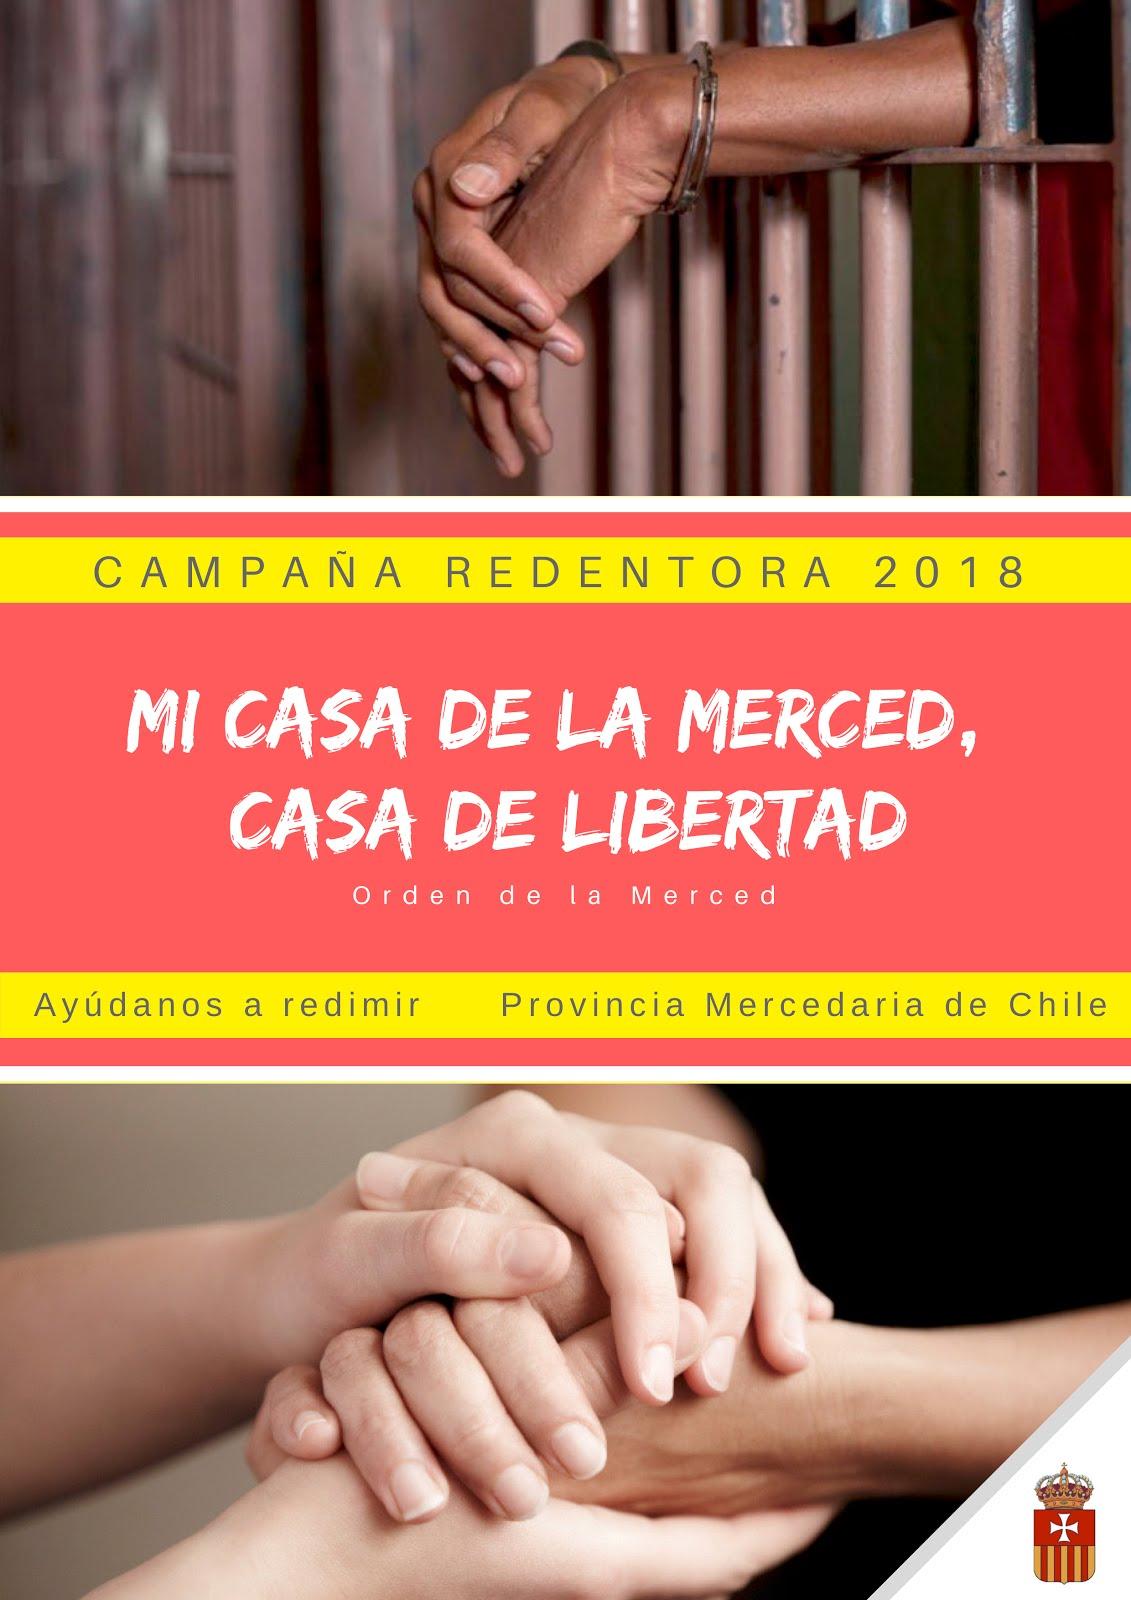 CAMPAÑA REDENTORA 2018